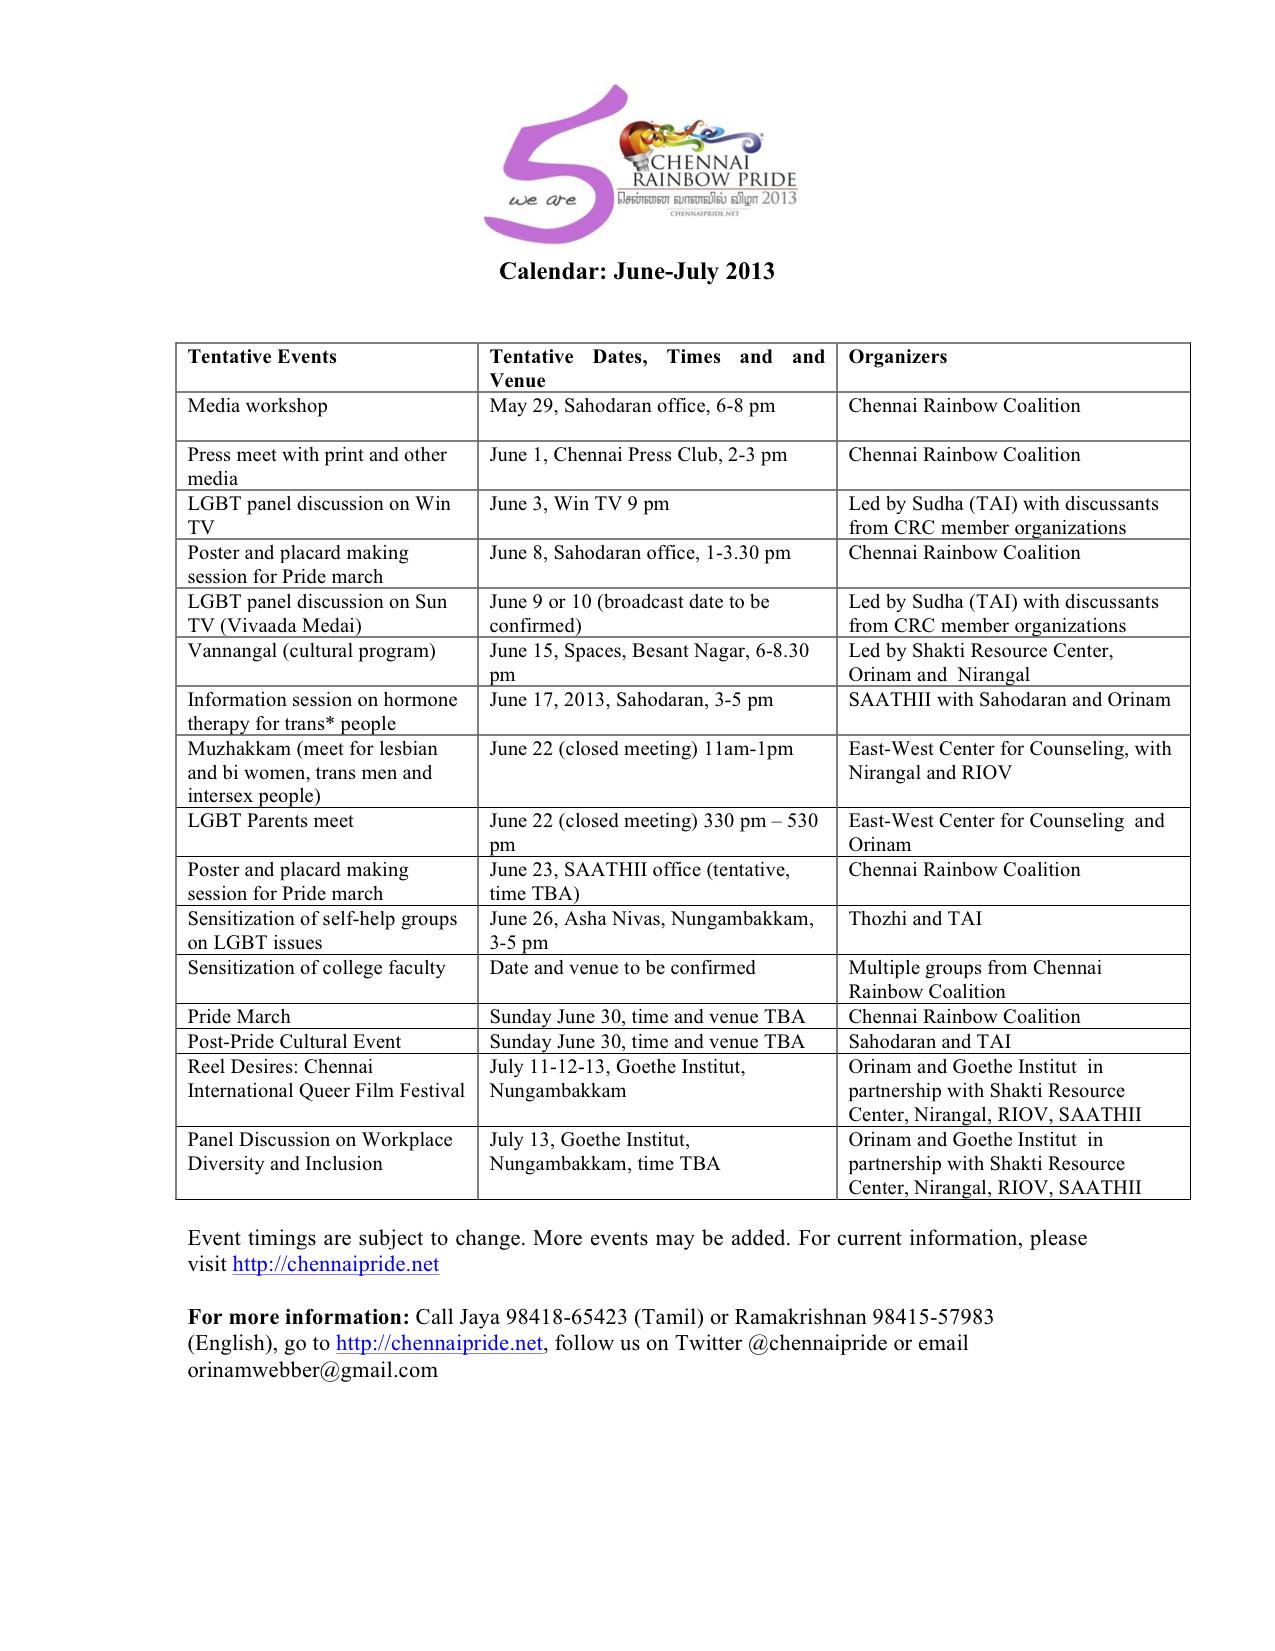 Chennai Rainbow Pride 2013 (Press Release & Schedule)